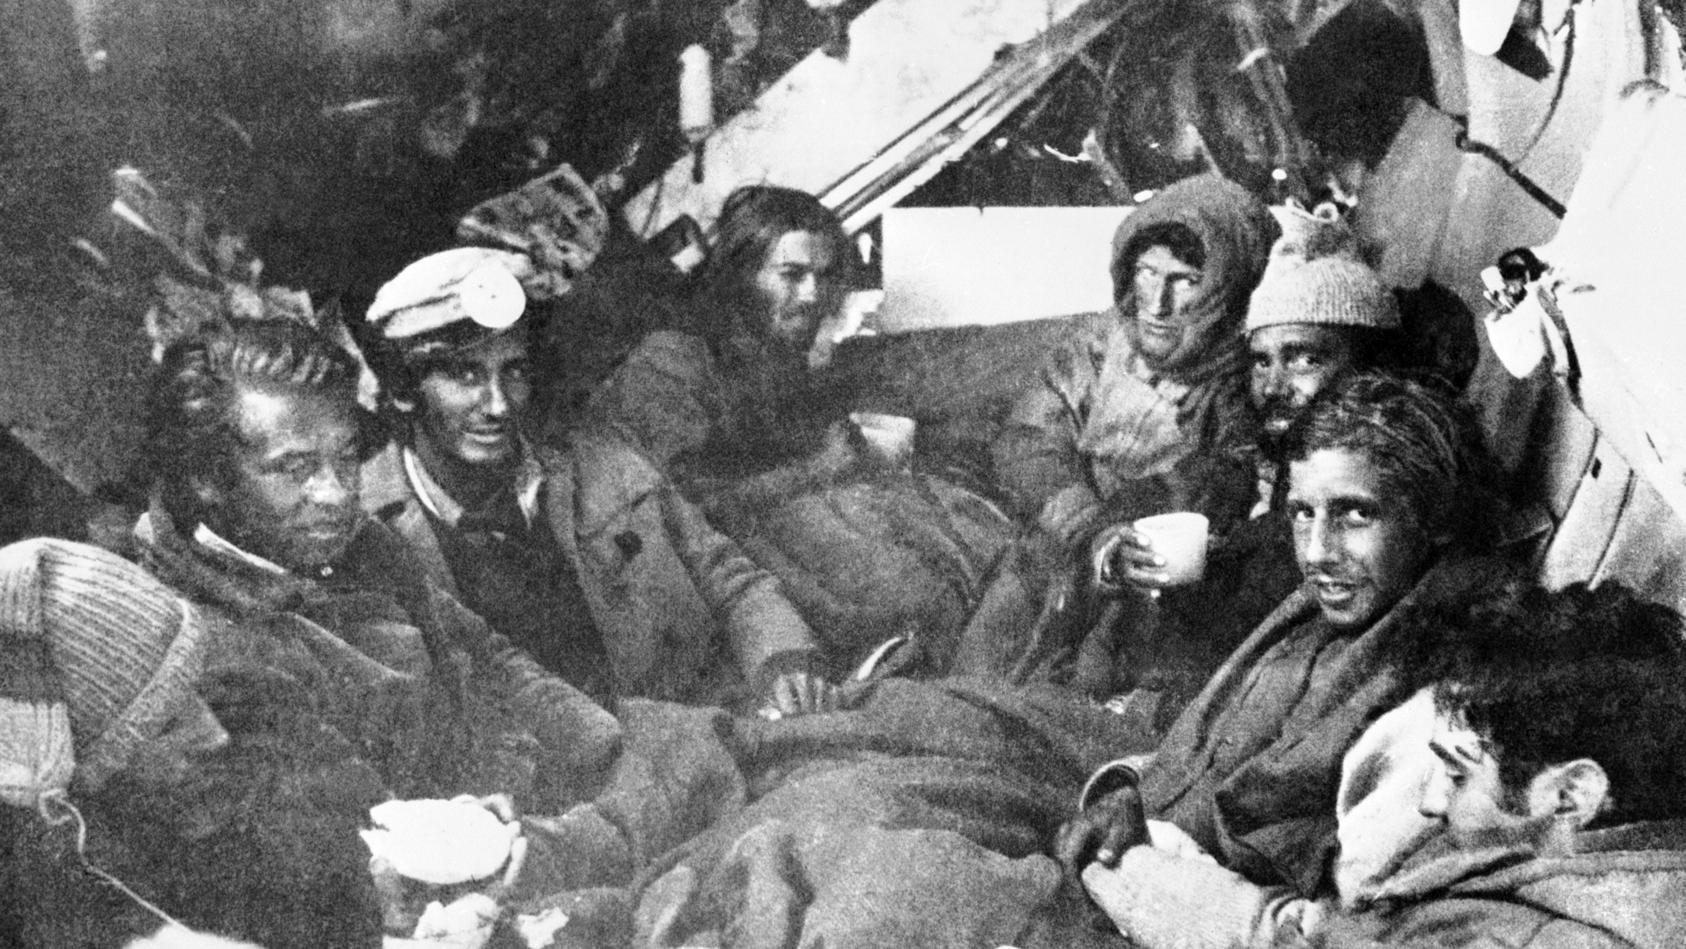 Die Überlebenden des Flugzeugabsturzes 1972 mussten Menschenfleisch essen, um zu überleben.